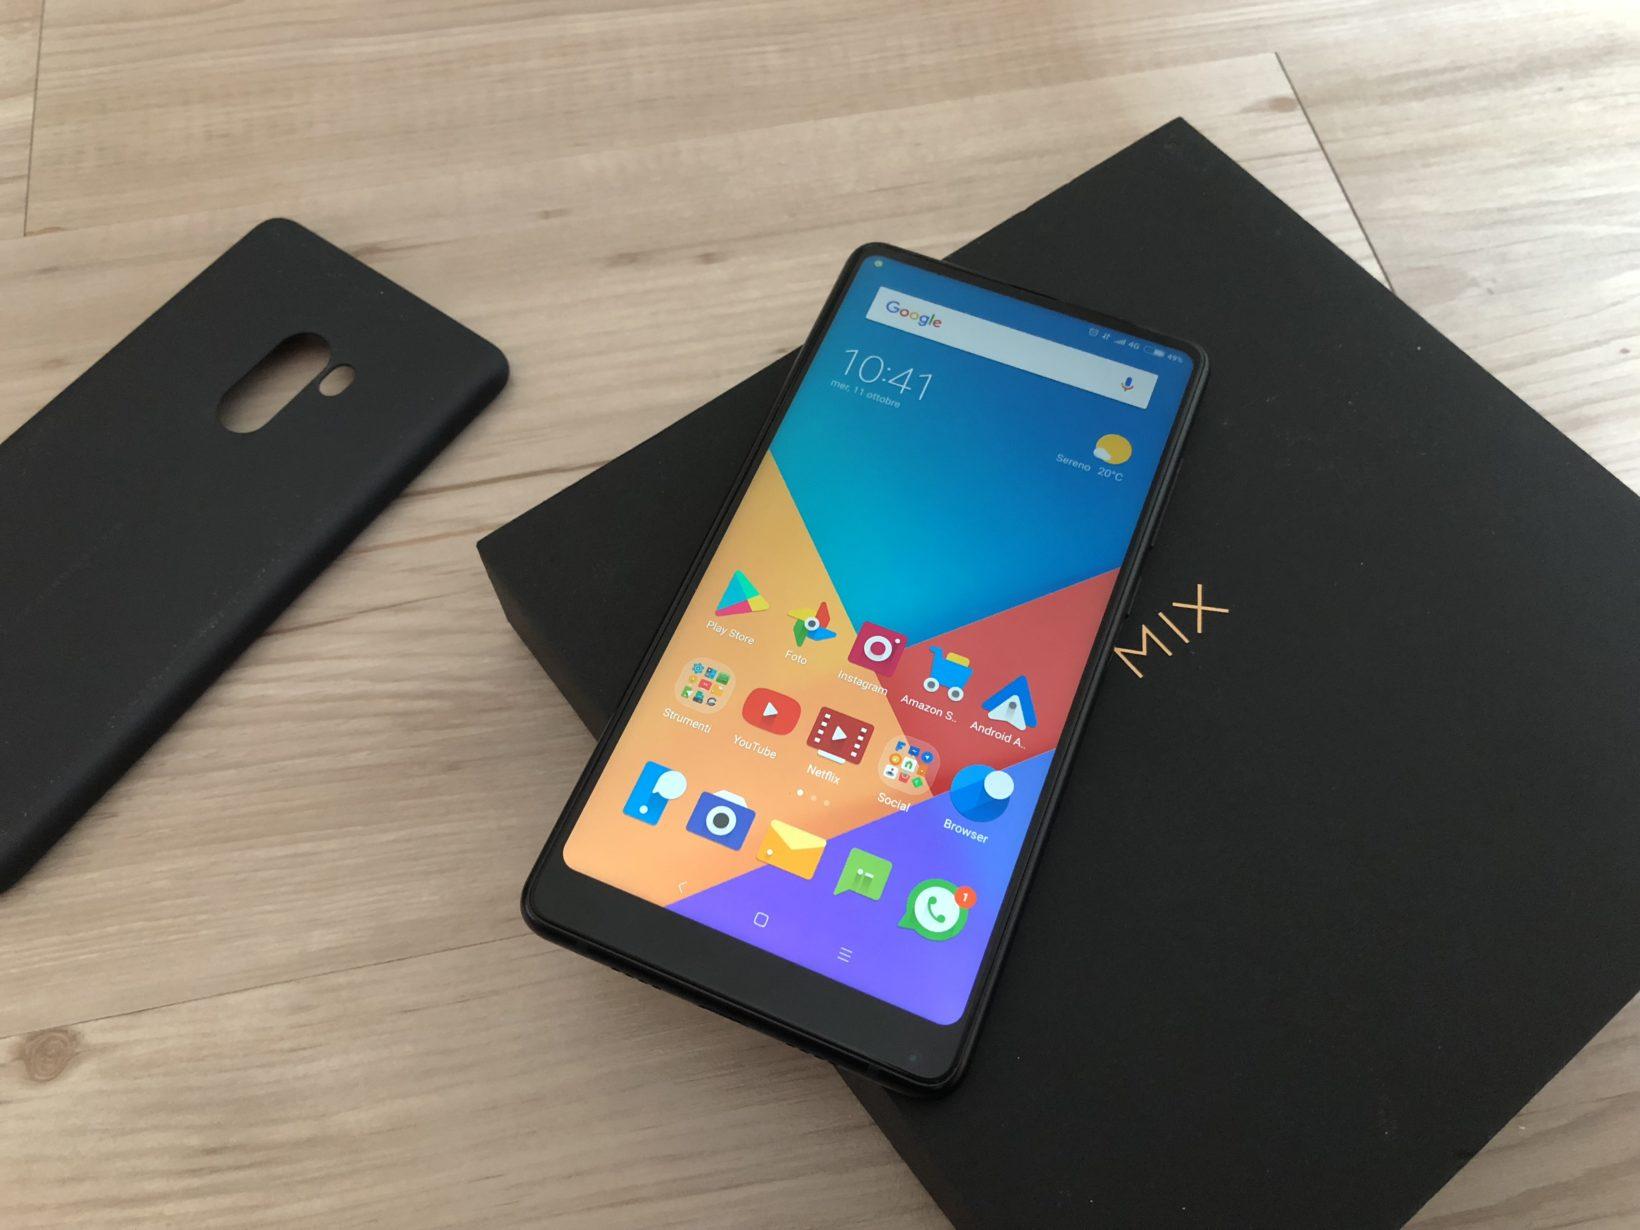 Xiaomi non solo con Mi Mix 2 ha l hardware per affrontare iPhone X ma ha anche un software curato sotto tutti i punti di vista